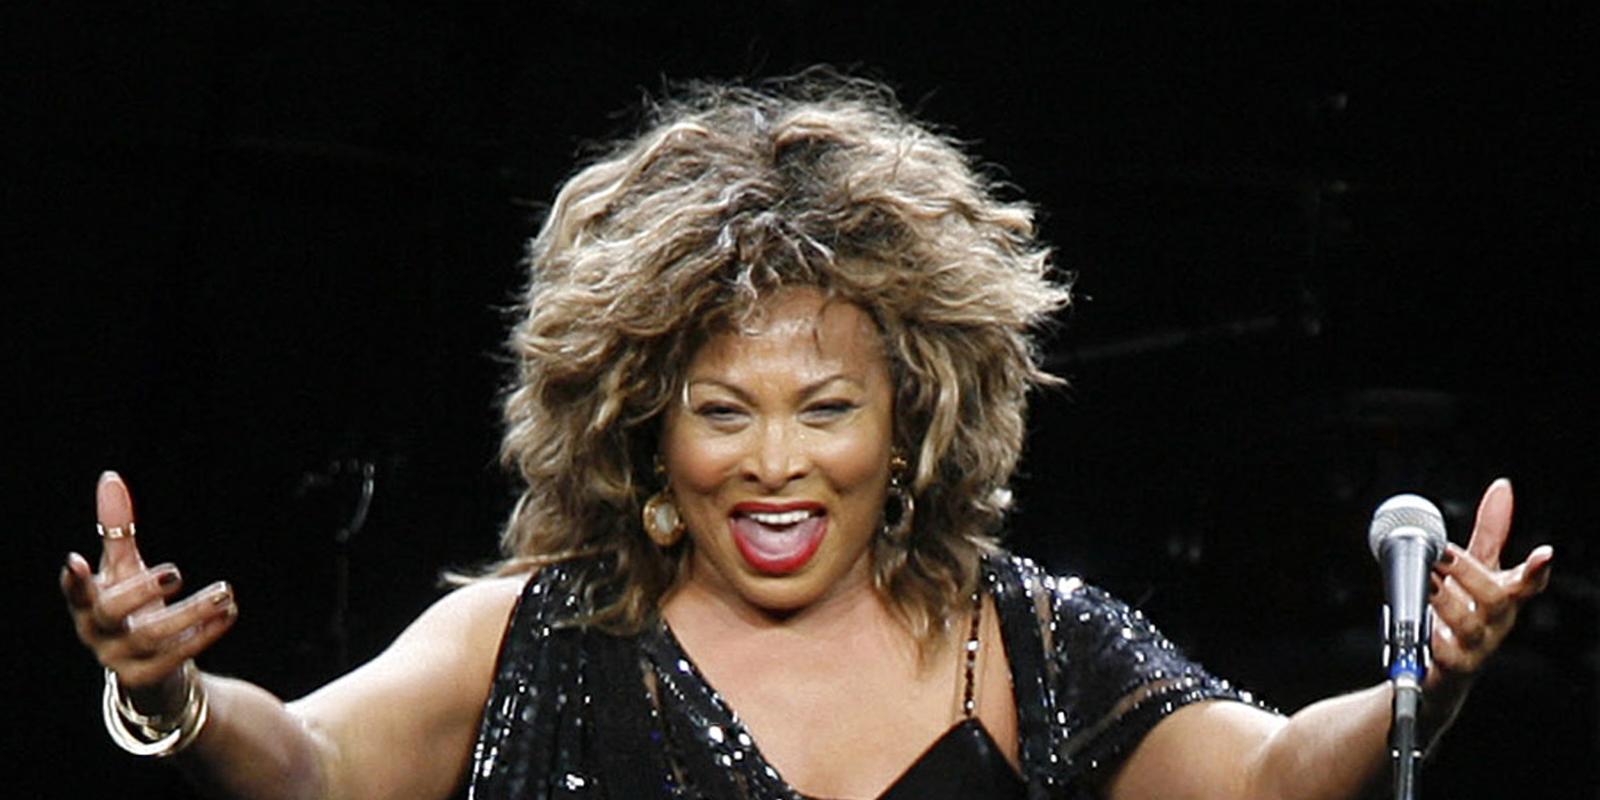 Assez Tina Turner rep denies stroke rumors IM74